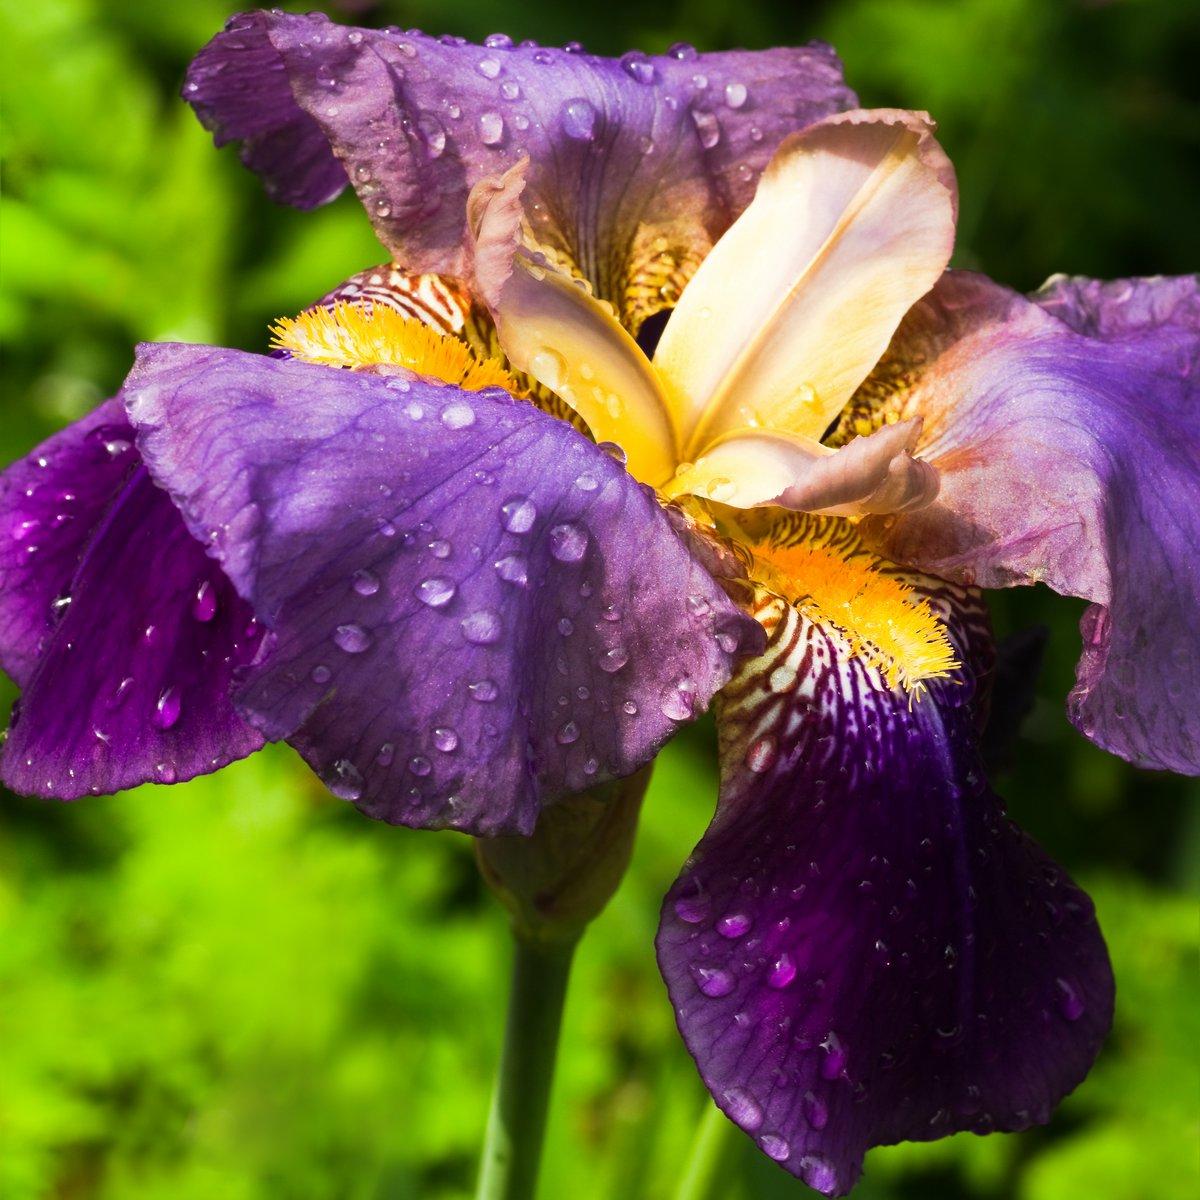 Постер Ирисы Фиолетовый немецкий или Iris Iris germanica заделываютИрисы<br>Постер на холсте или бумаге. Любого нужного вам размера. В раме или без. Подвес в комплекте. Трехслойная надежная упаковка. Доставим в любую точку России. Вам осталось только повесить картину на стену!<br>